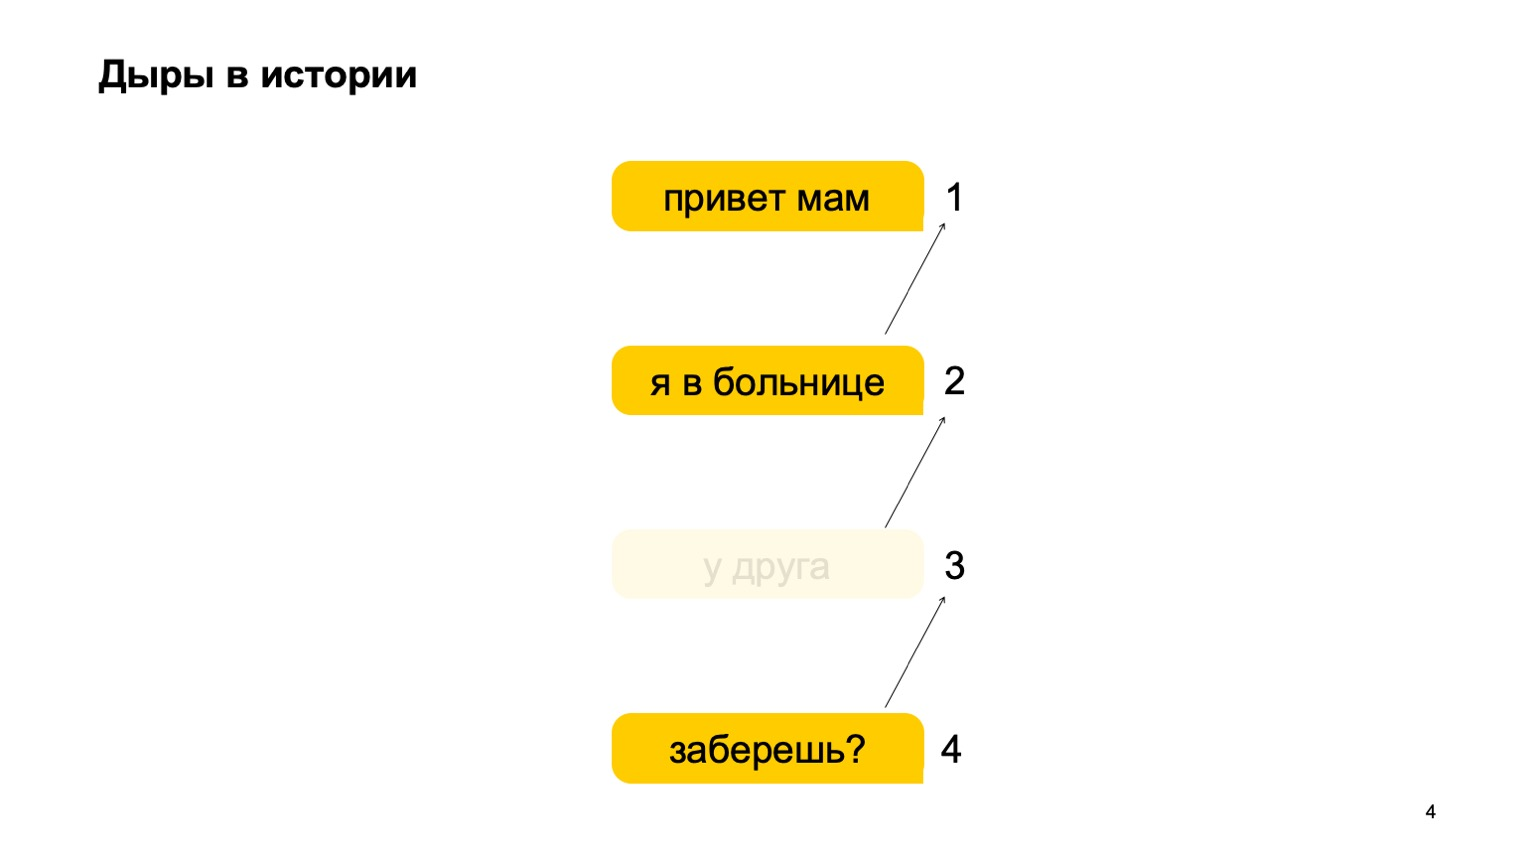 Мобильная разработка — это просто и скучно? Доклад Яндекса - 4